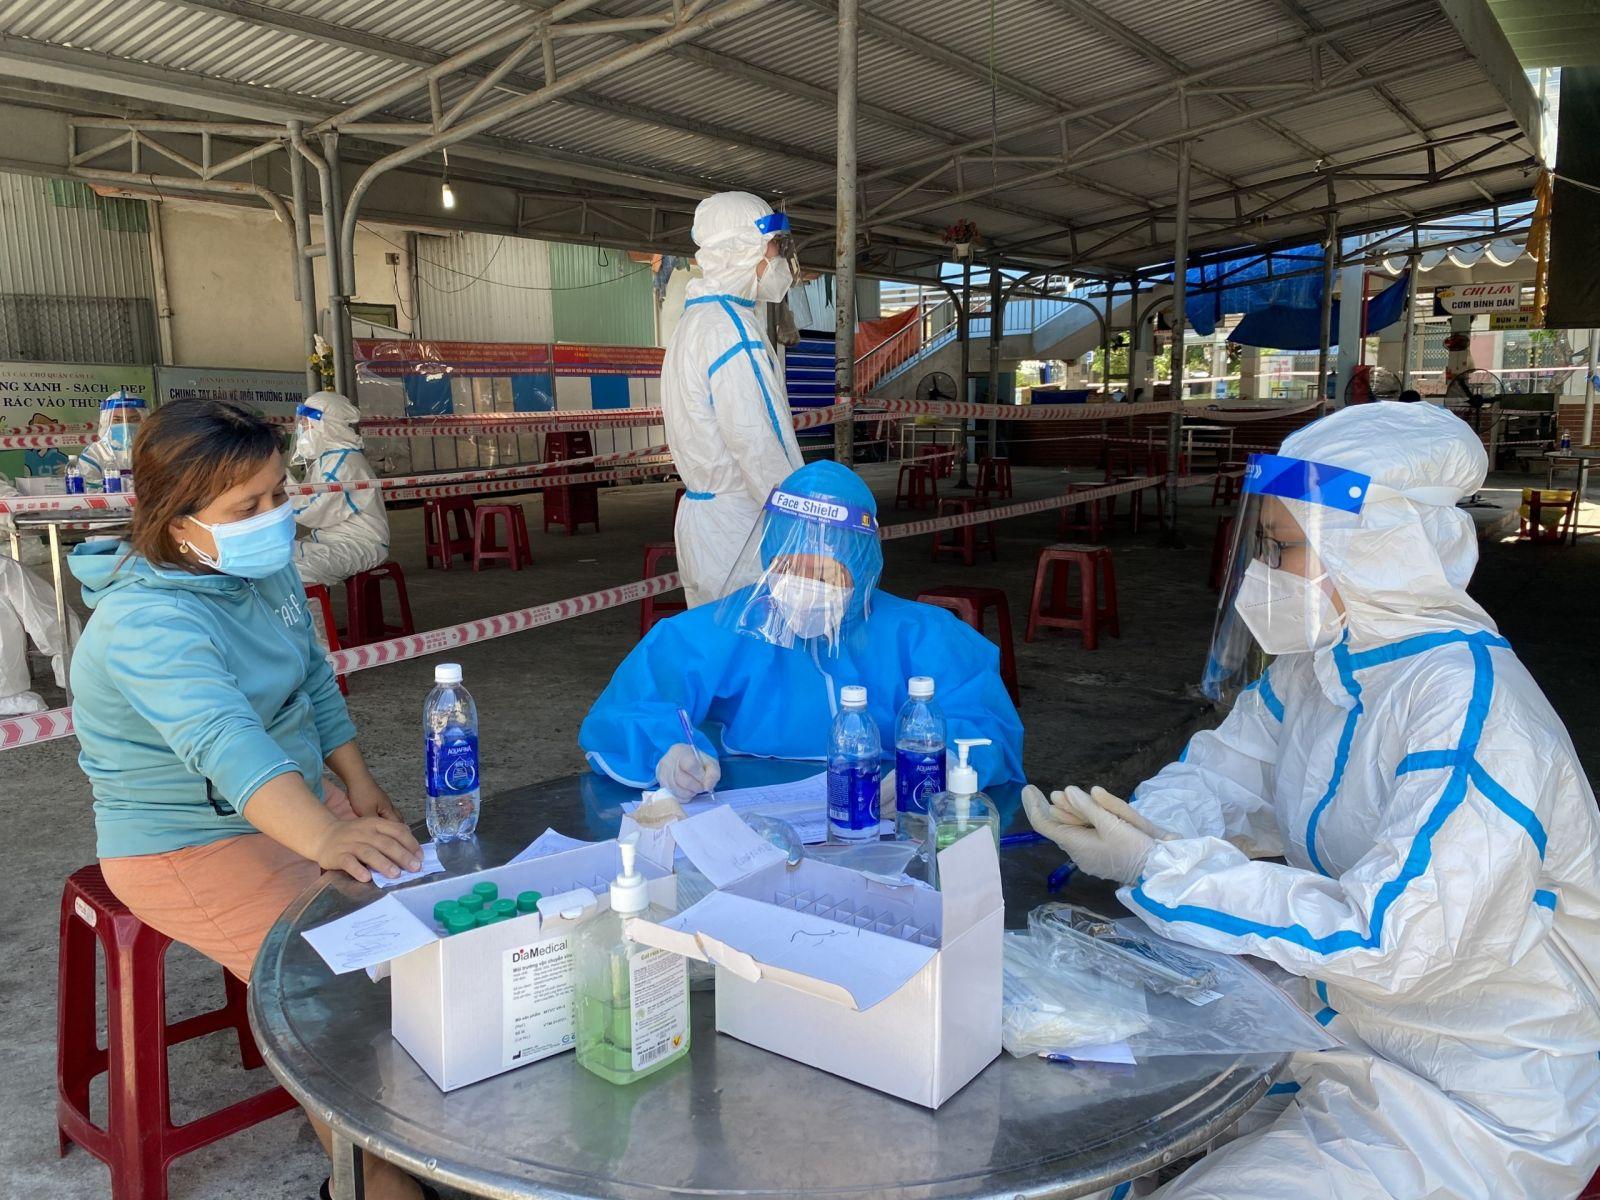 Hiện nay trên địa bàn TP Đà Nẵng, quận Sơn Trà đang là điểm nóng về số ca mắc Covid-19, qua kết quả xét nghiệp sàn lọc trong ngày 3/8, đã ghi nhận 60 ca dương tính.